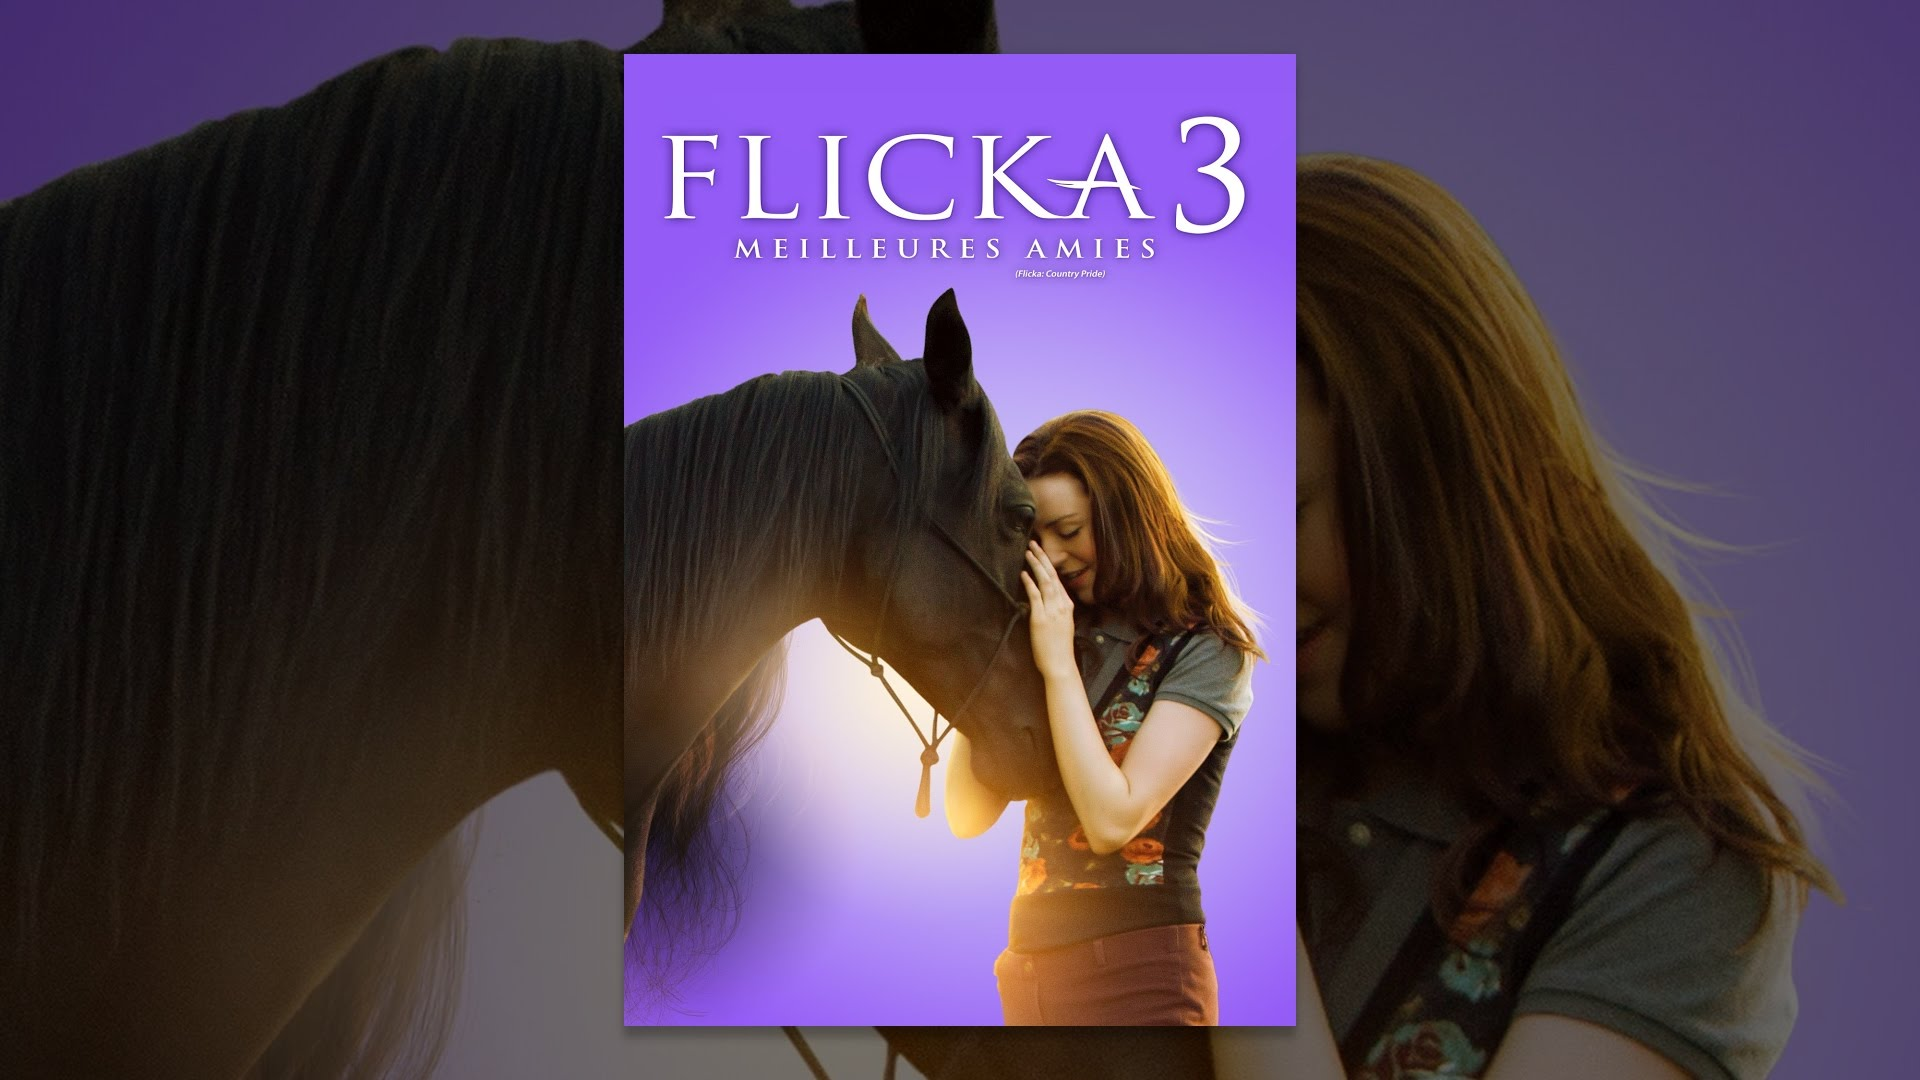 Download Flicka 3 - Meilleures amies (VF)